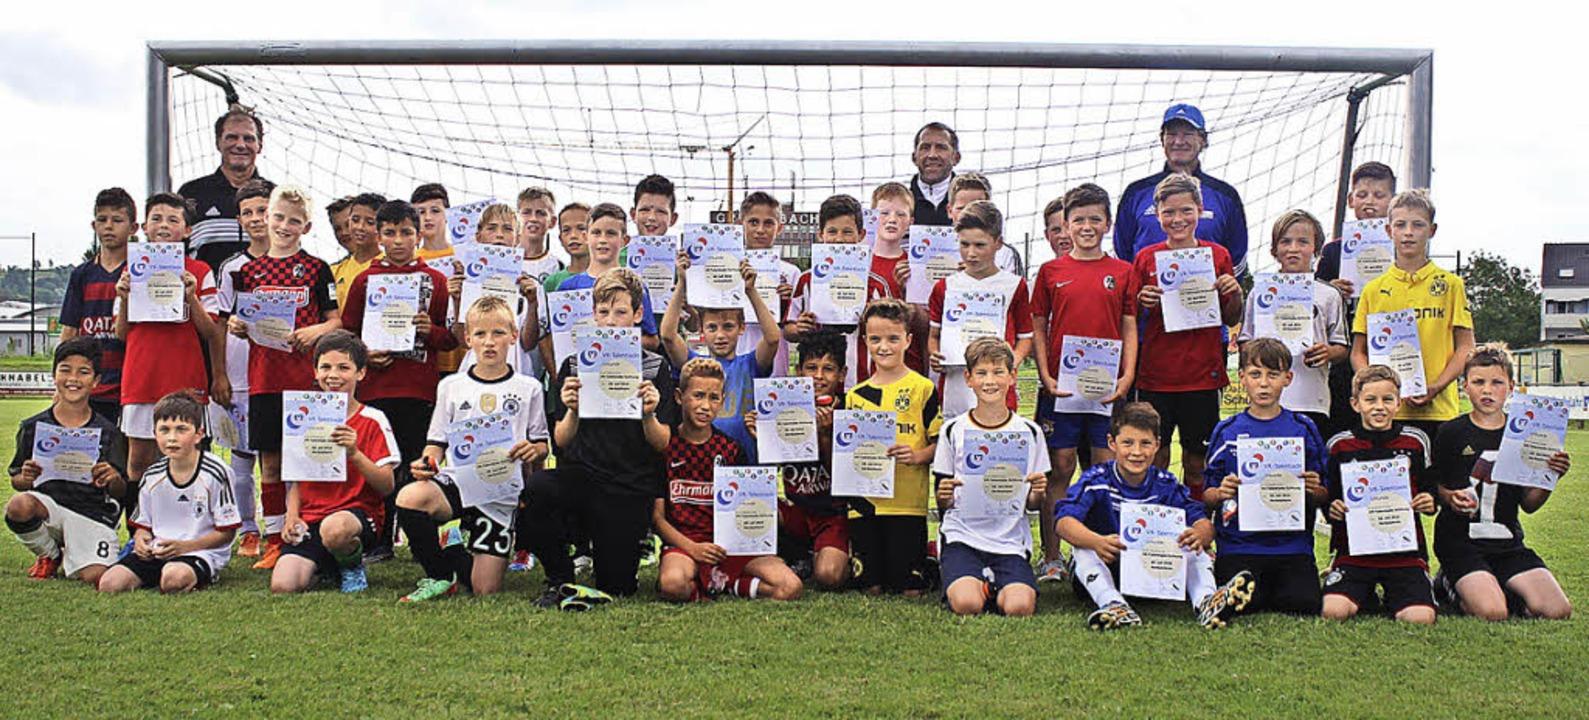 Die jungen Fußball-Talente mit ihren Urkunden.  | Foto: Privat